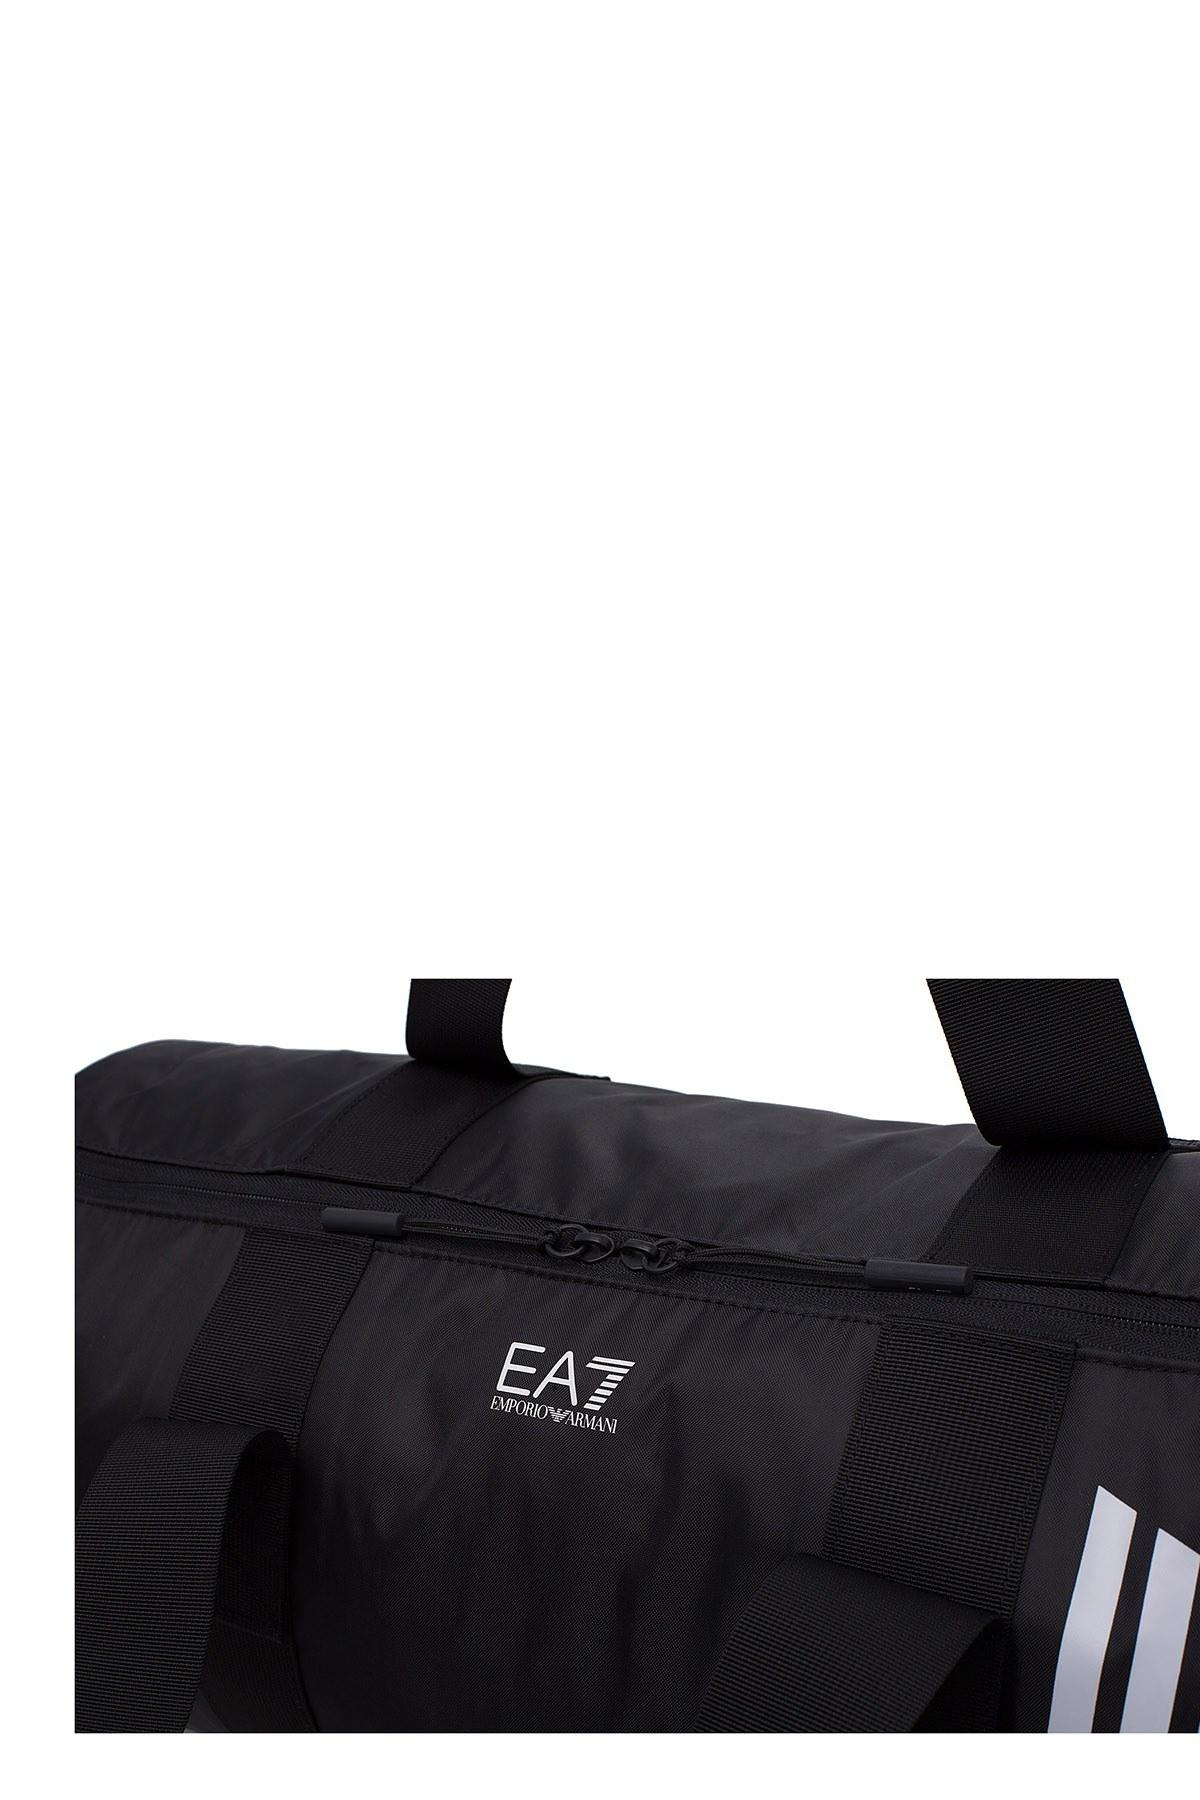 EA7 Erkek Çanta S 275849 9P802 00020 SİYAH